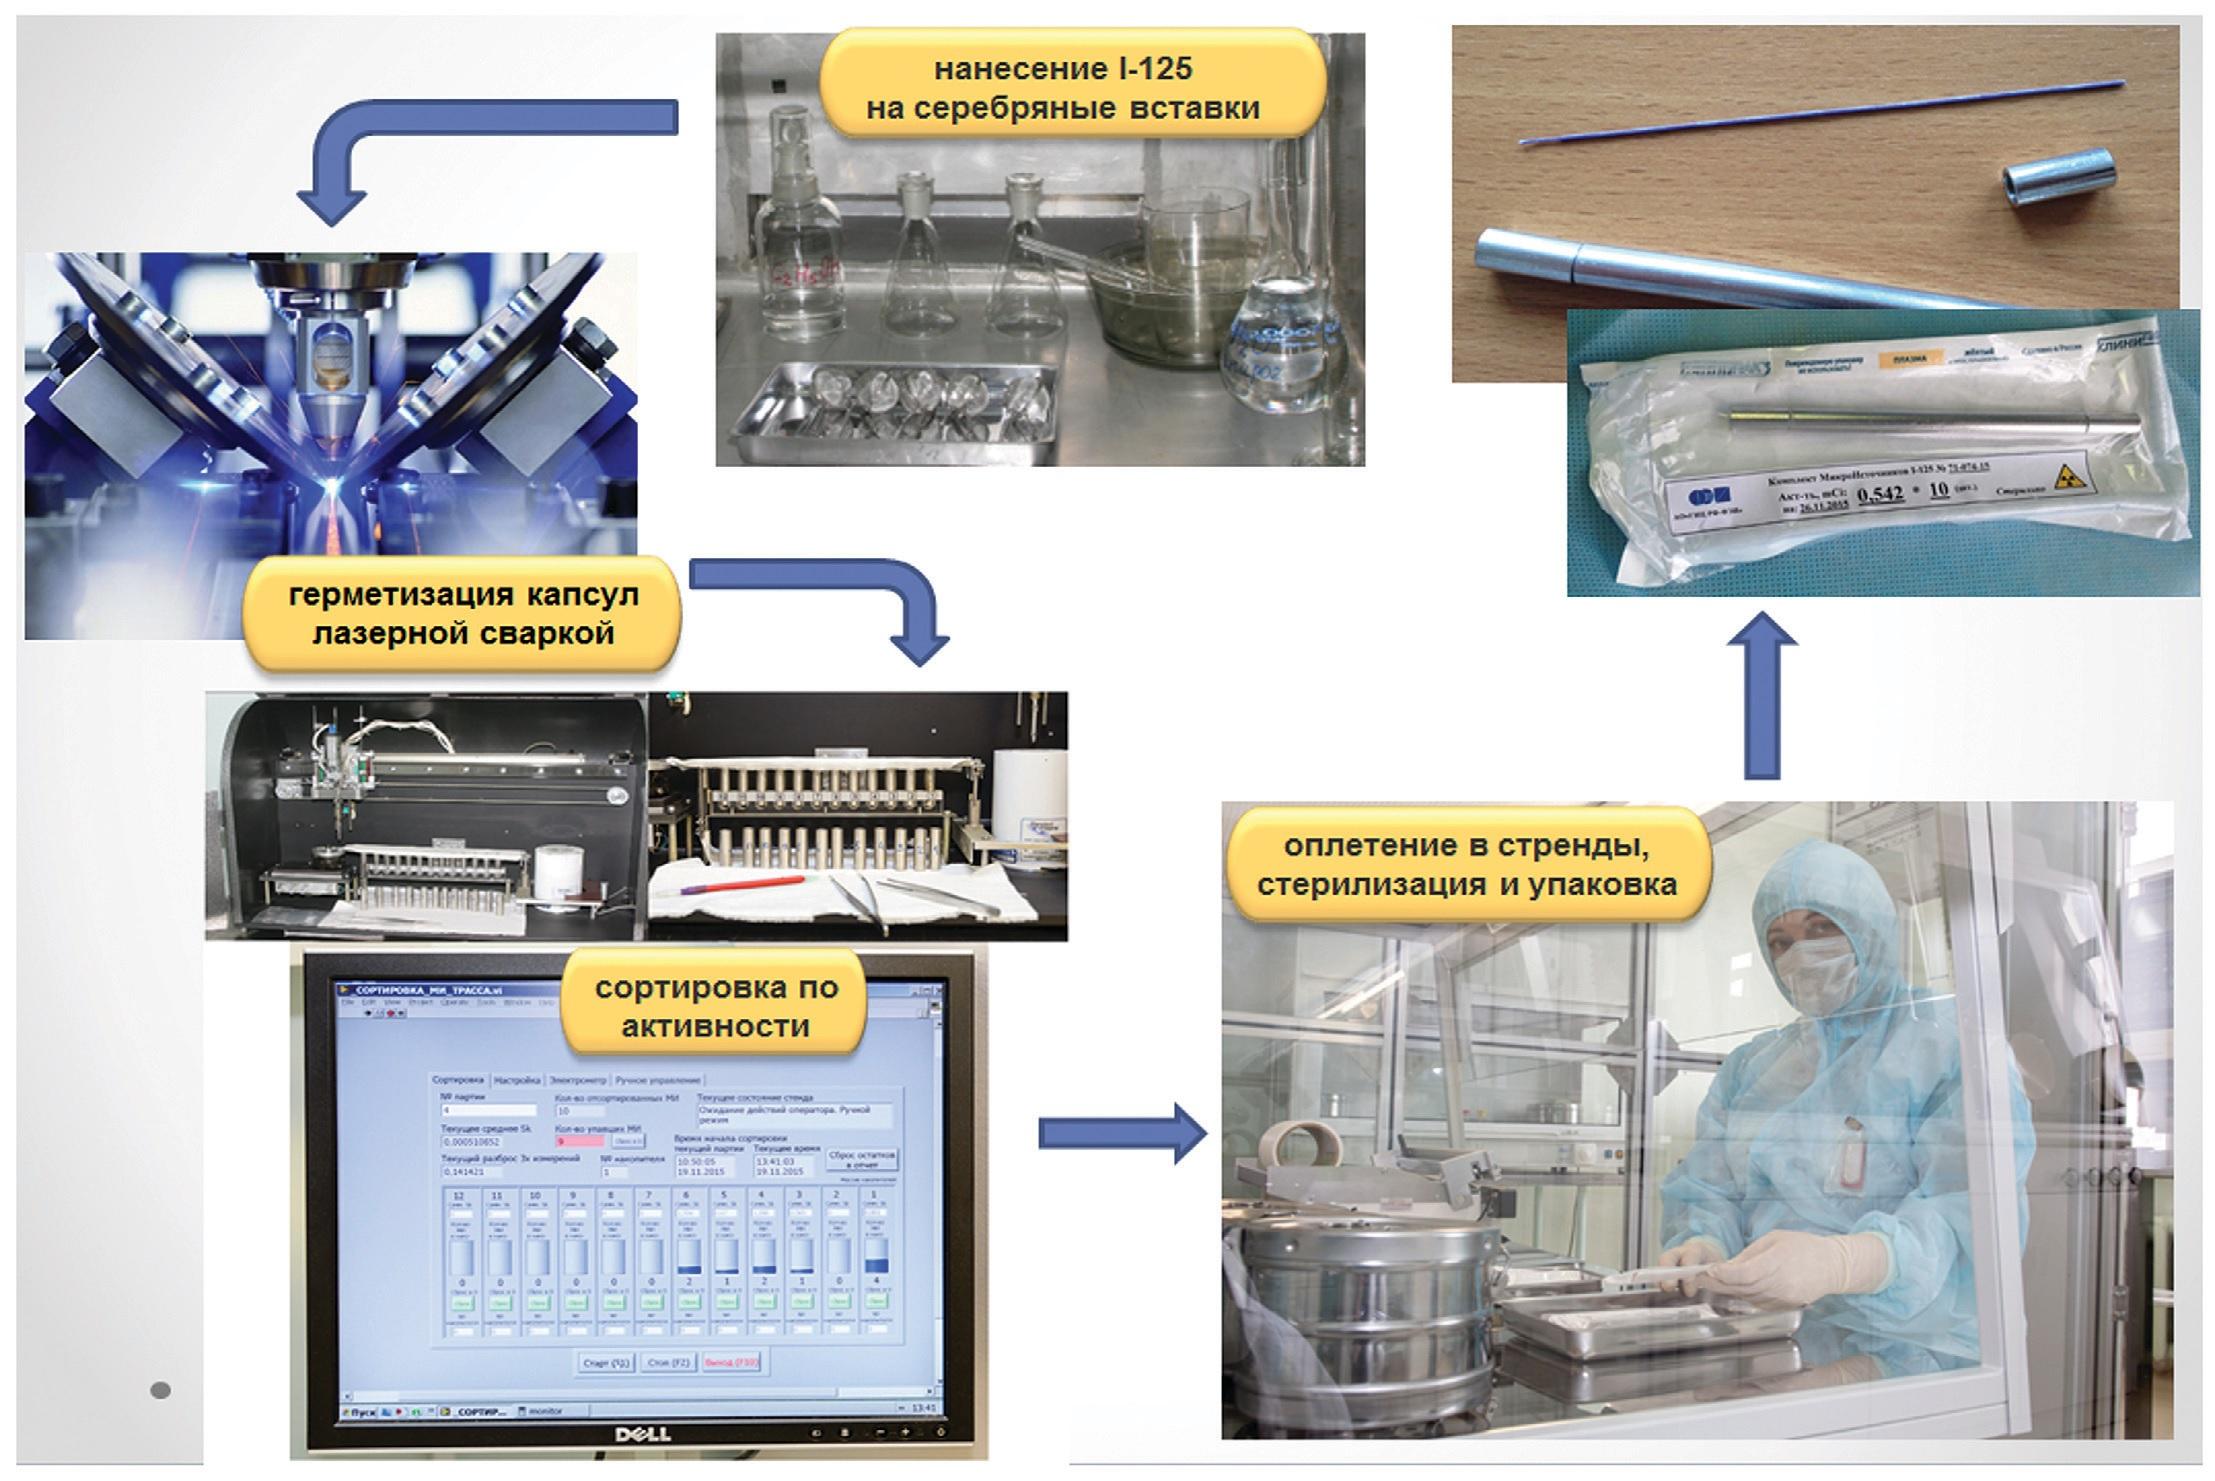 Технологическая схема процесса производства микроисточников ФЭИ